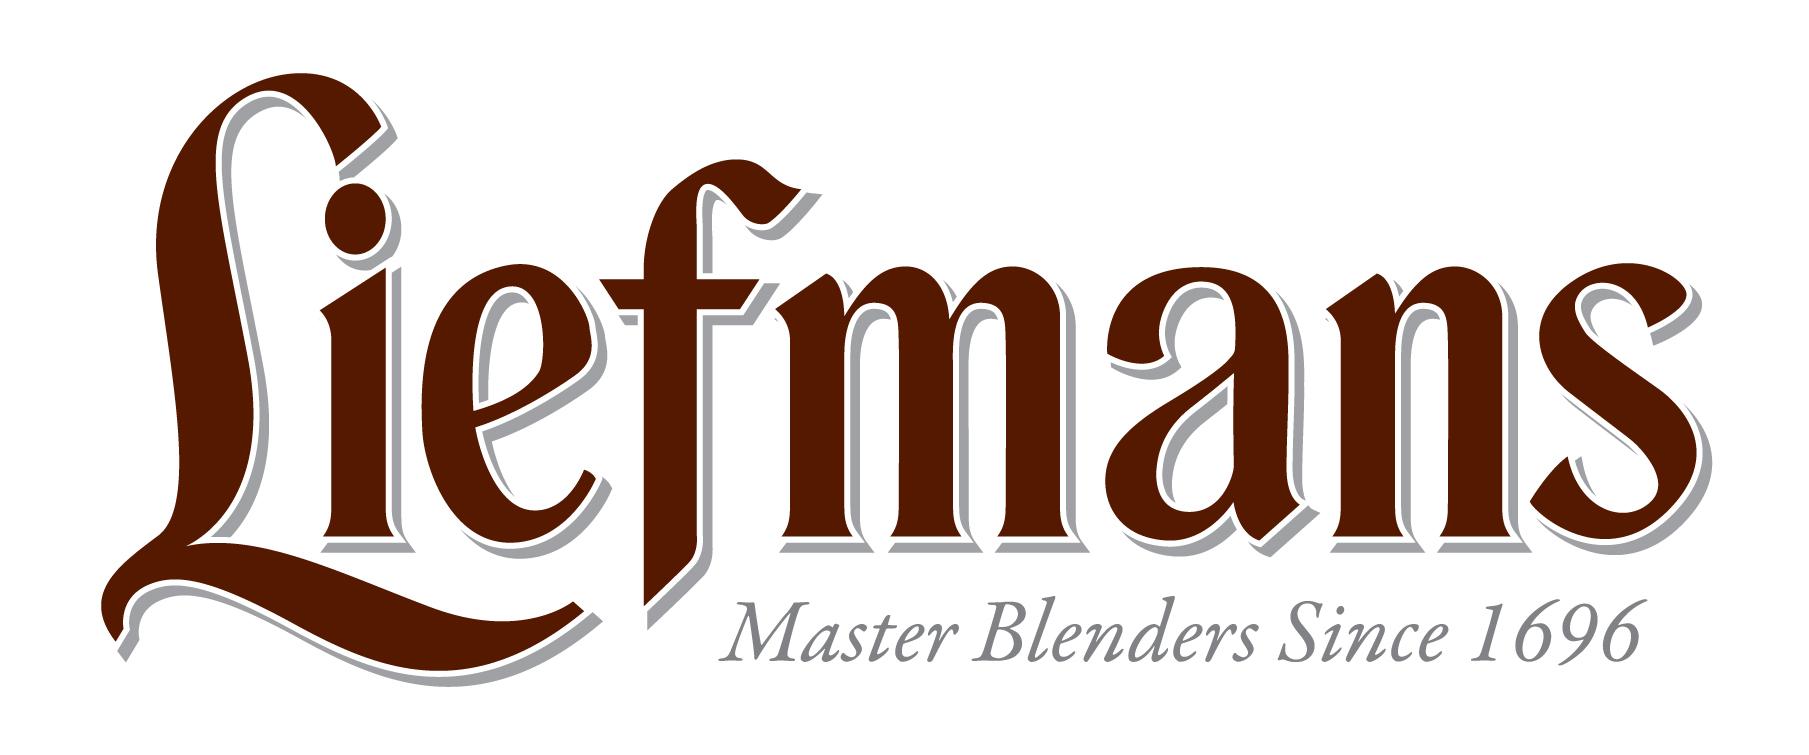 Afbeeldingsresultaat voor liefmans oud bruin logo